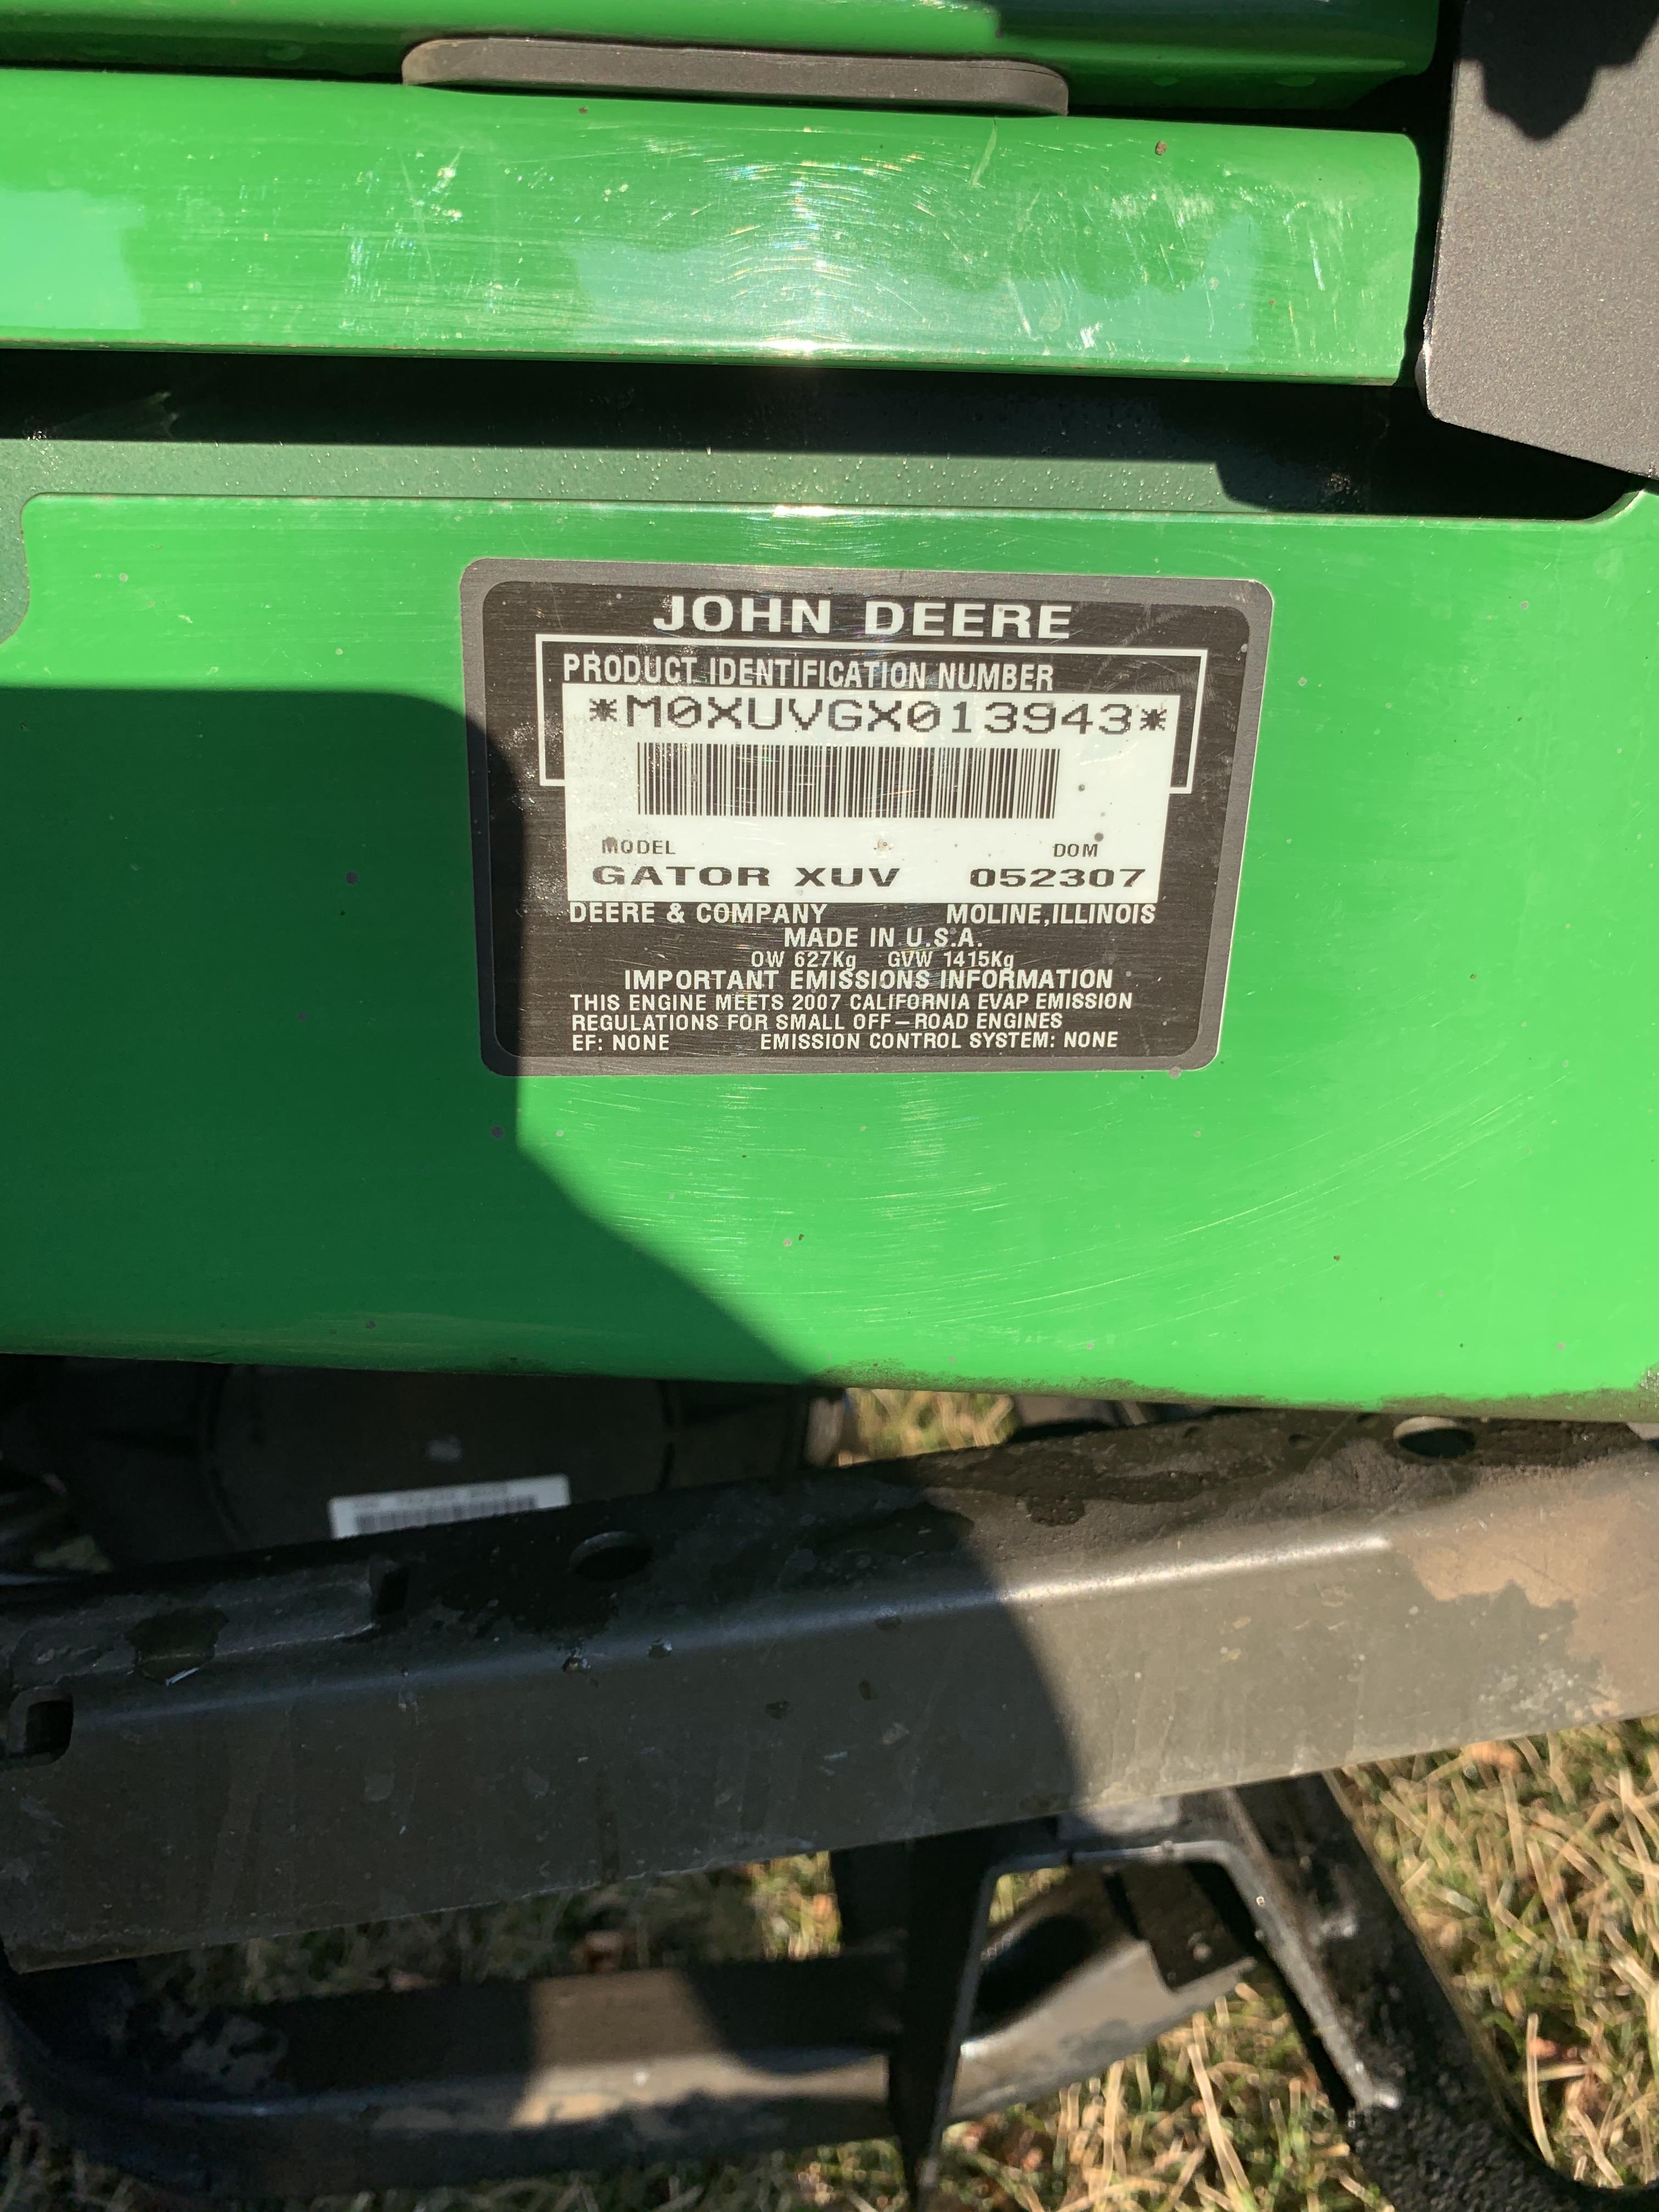 John Deere 2007 620I Gator XUV, 4x4, - Image 6 of 8